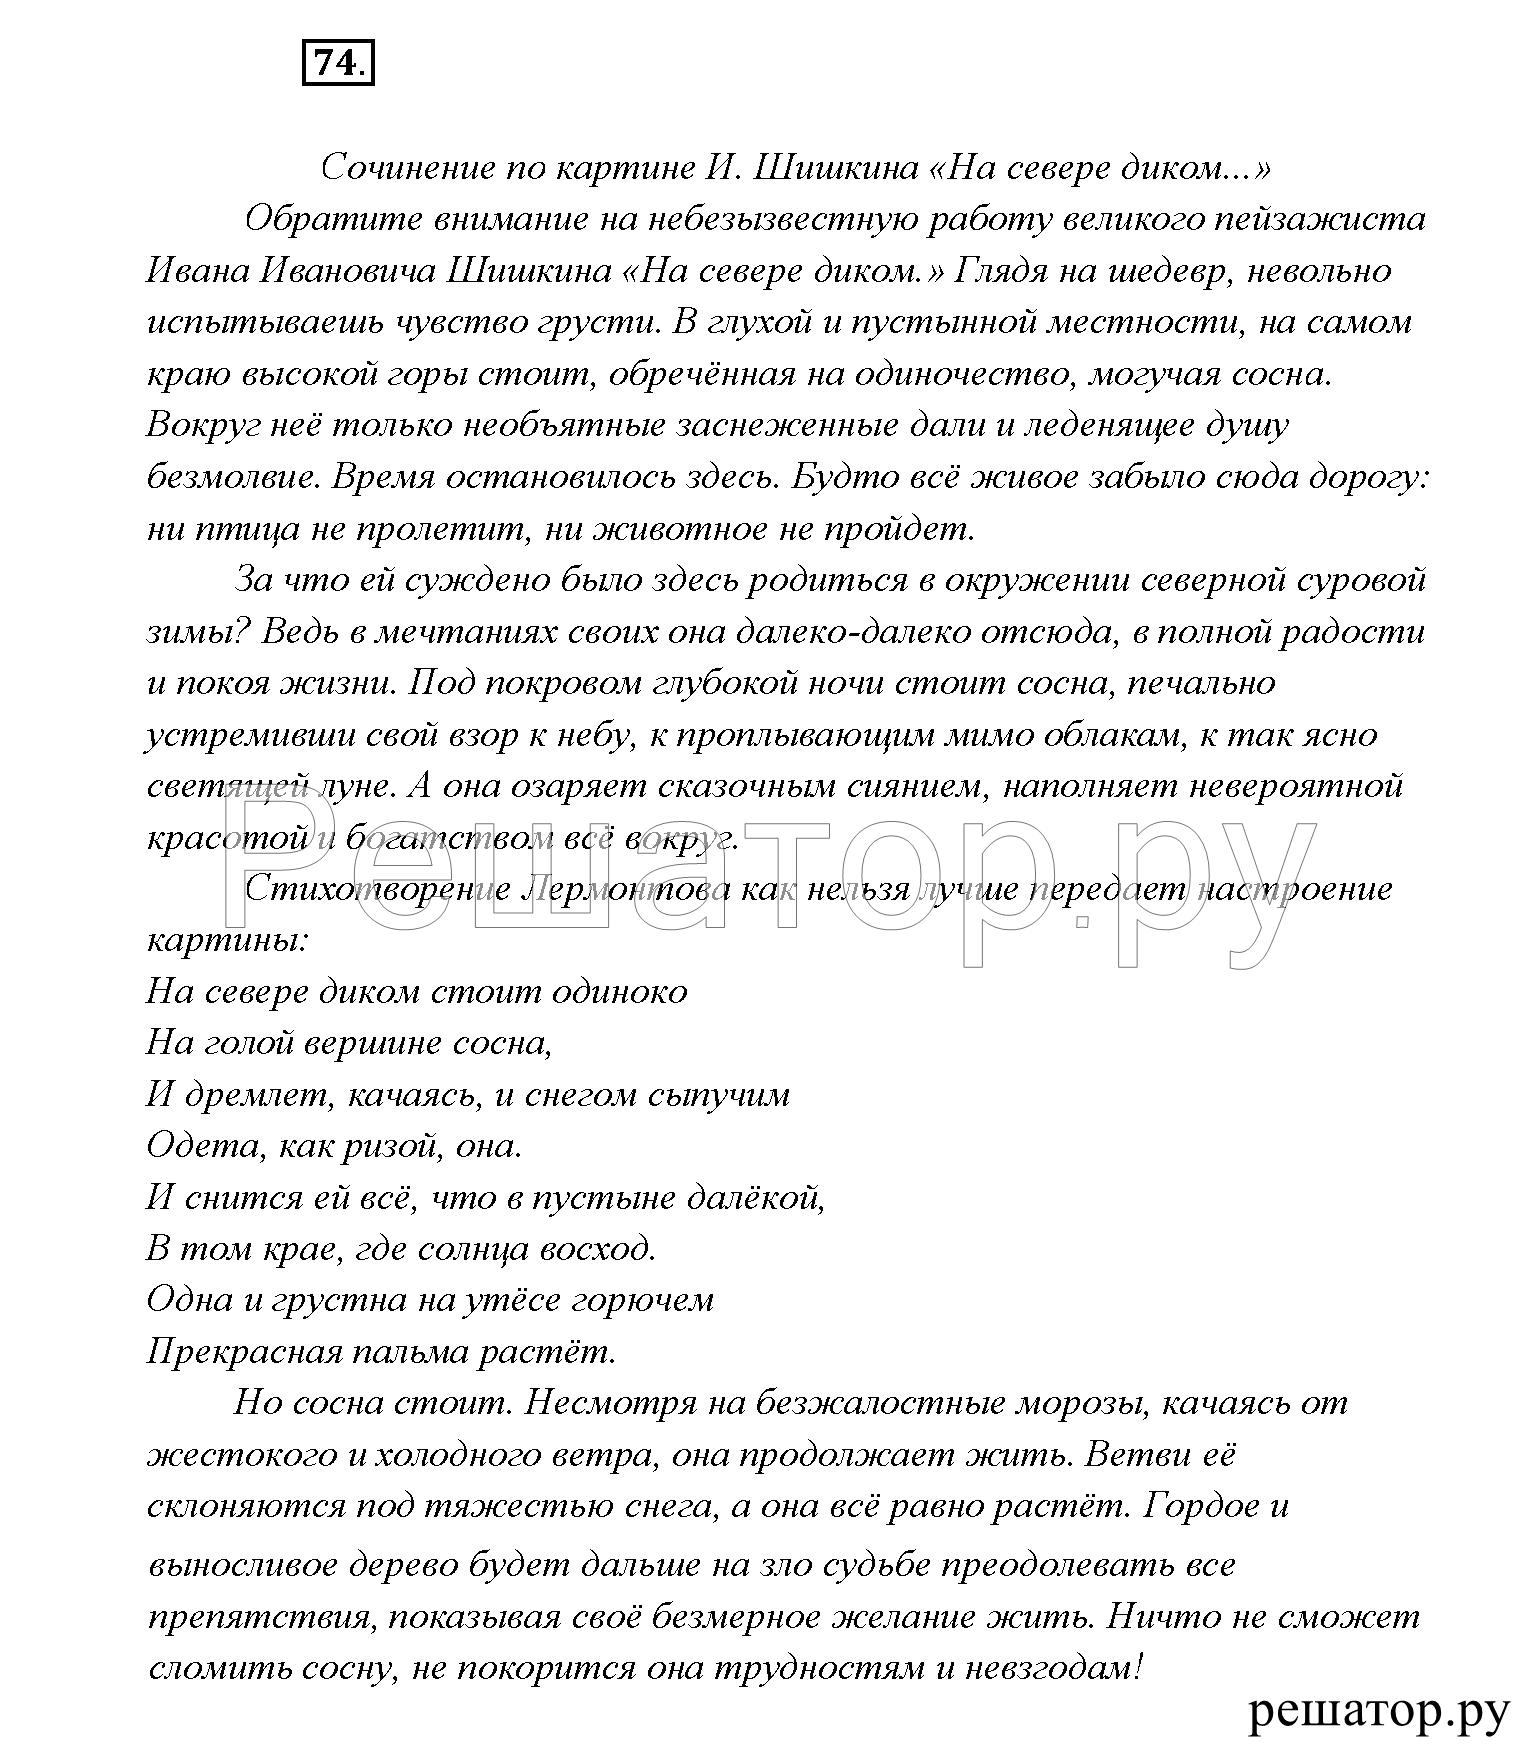 Гдз по русскому языку 9 класс тростенцова л. А. , ладыженская т. А.